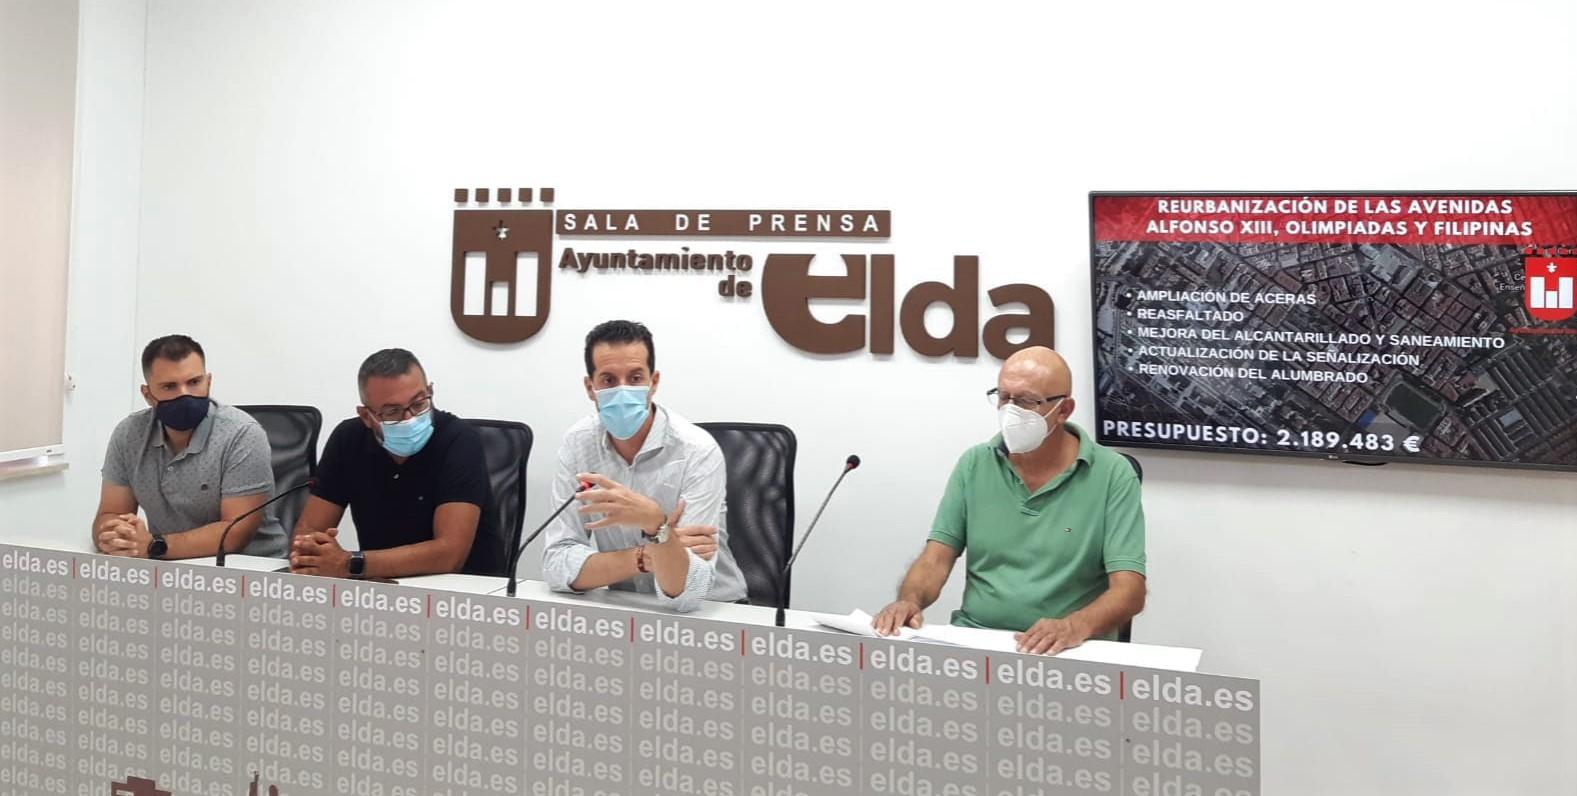 El Ayuntamiento de Elda acometerá la reforma integral del eje formado por las avenidas Alfonso XIII, de las Olimpiadas y Filipinas con una inversión de 2,2 millones de euros